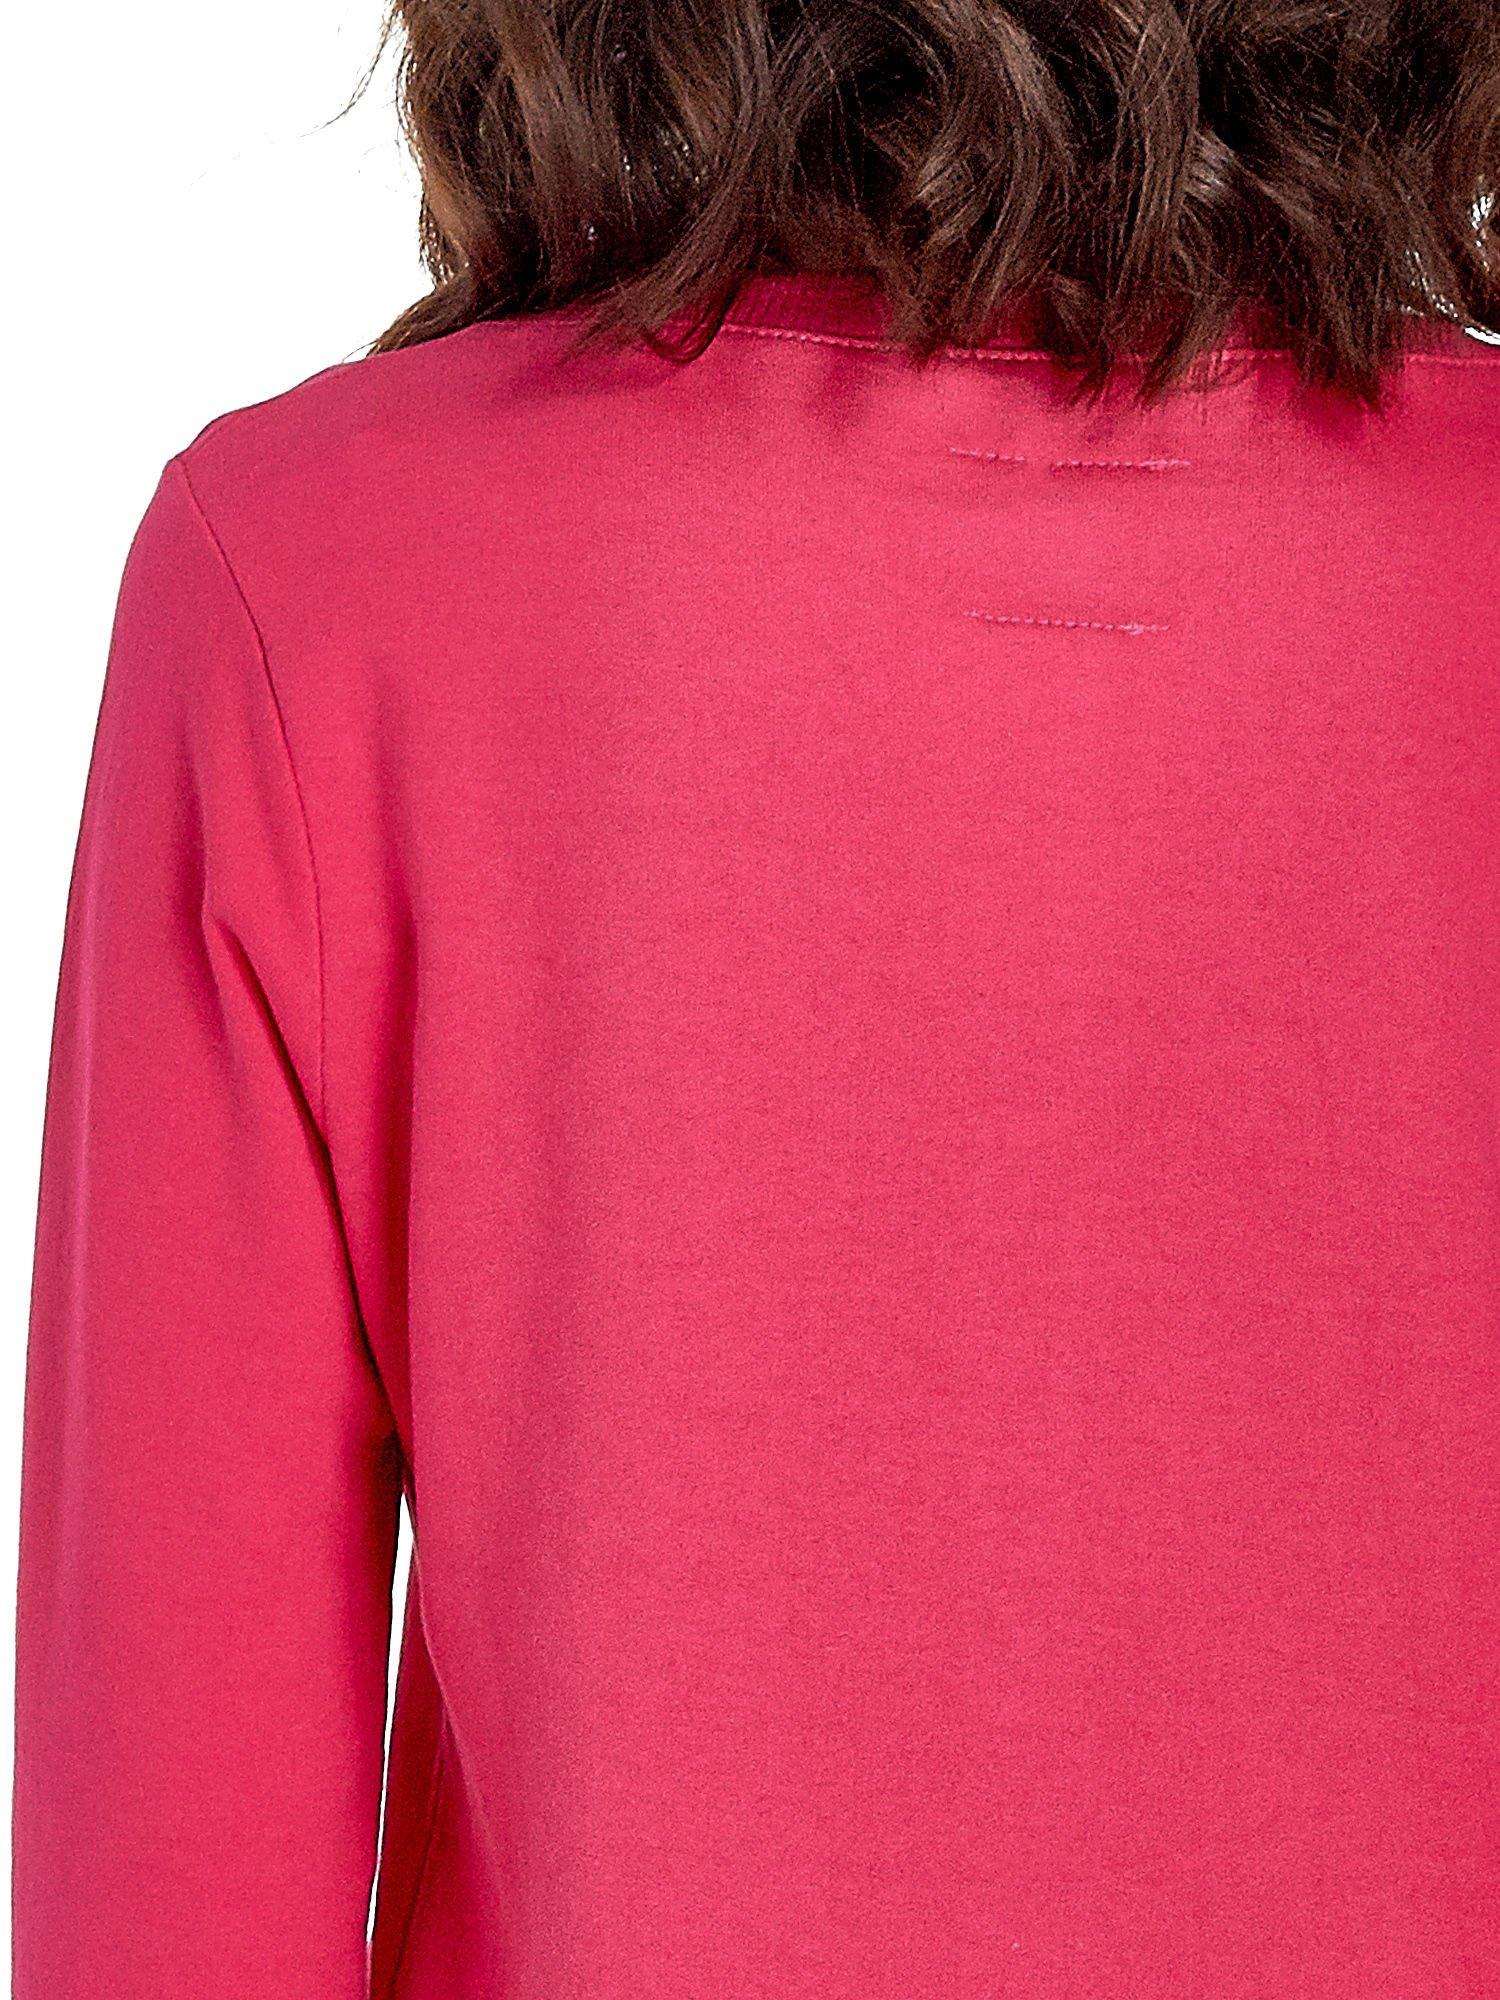 Różowa bluza z napisem LOVE ME i dłuższym tyłem                                  zdj.                                  6